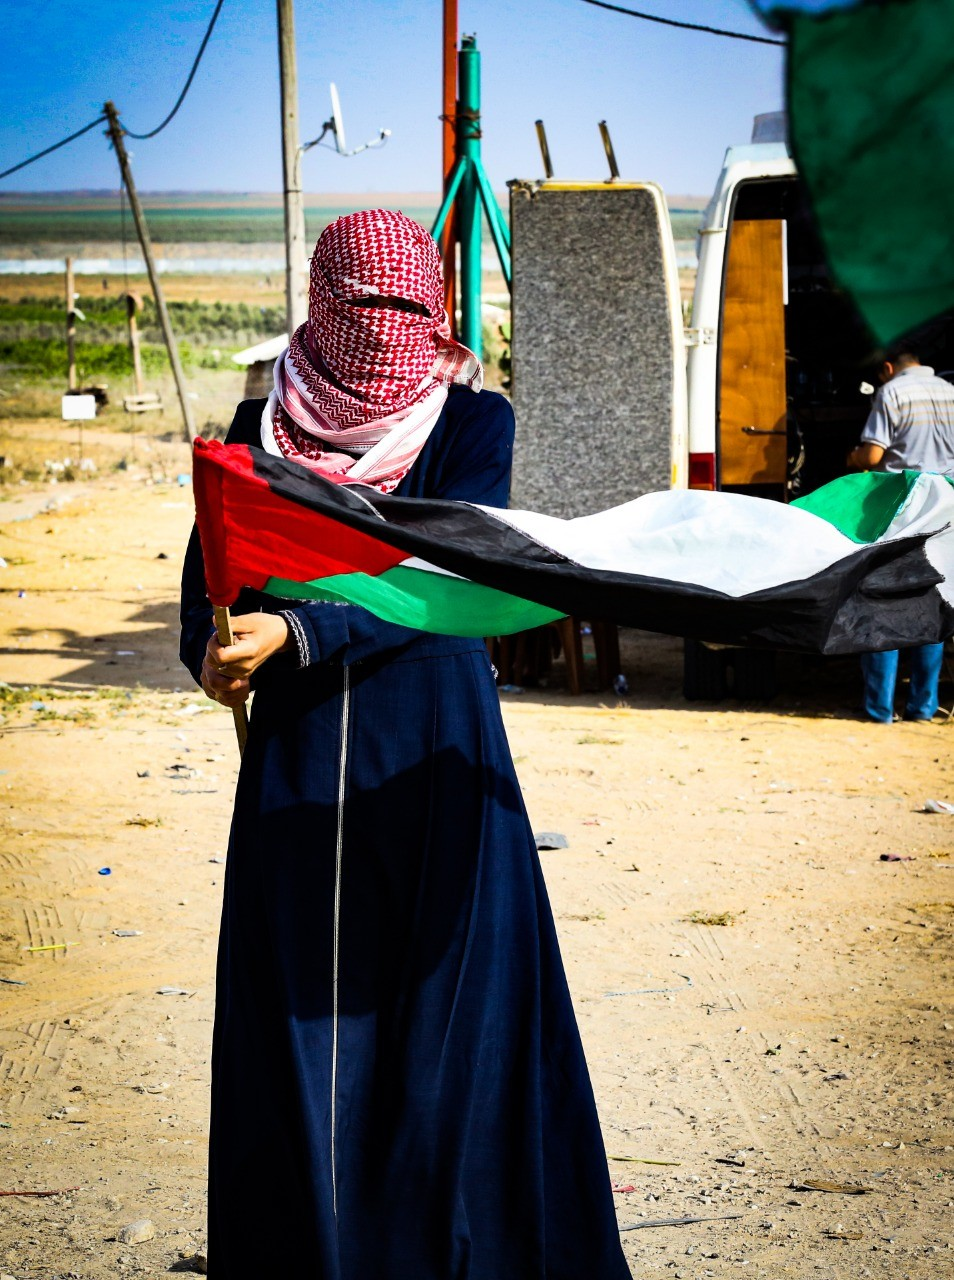 إصابات جراء قمع الاحتلال لمسيرات العودة وكسر الحصار شرق قطاع غزّة